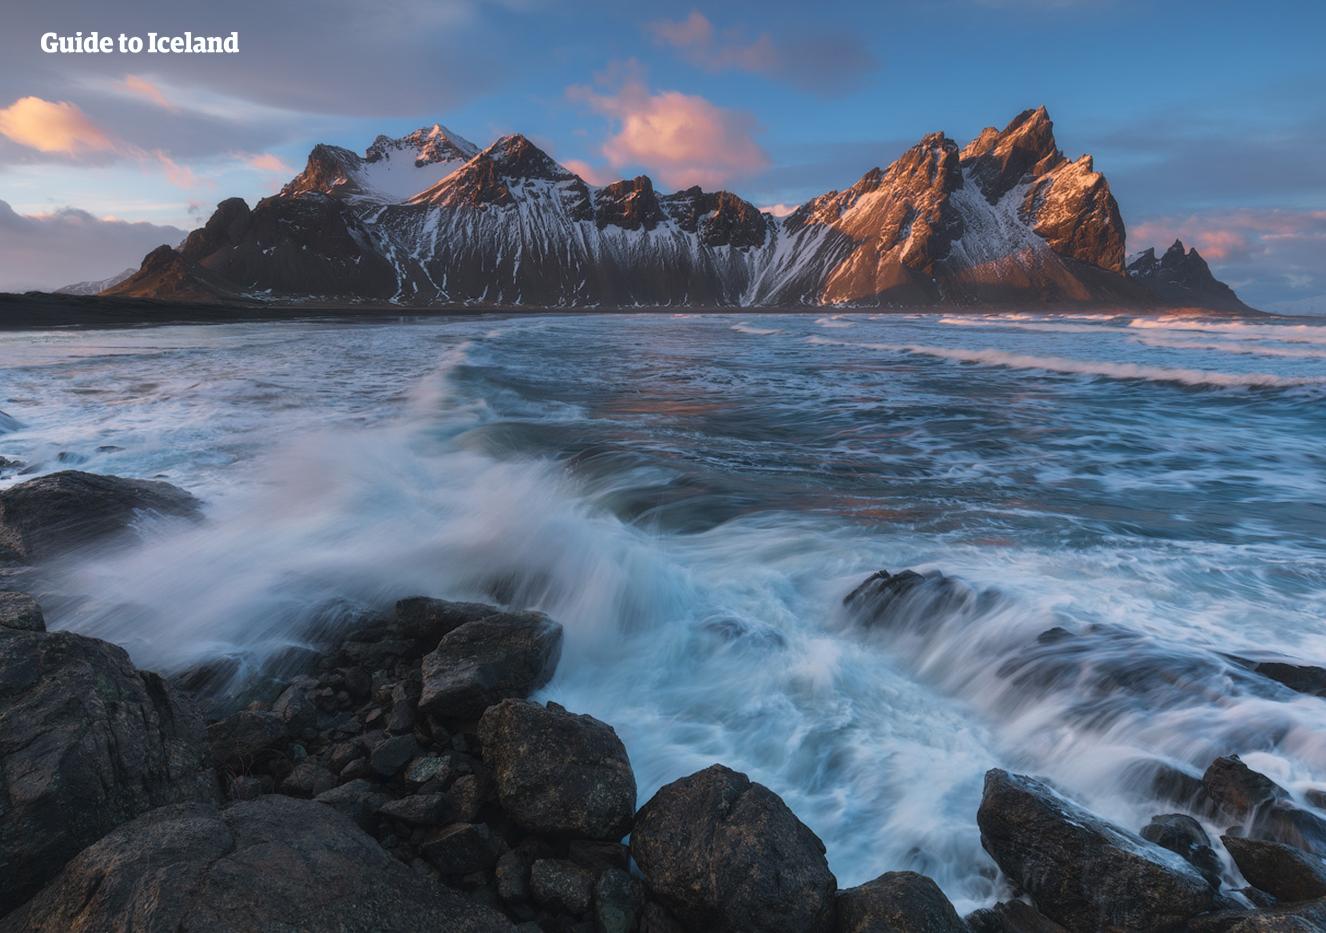 Découvrez des montagnes déchiquetées et des vues spectaculaires sur la côte lors de votre visite en Islande orientale.